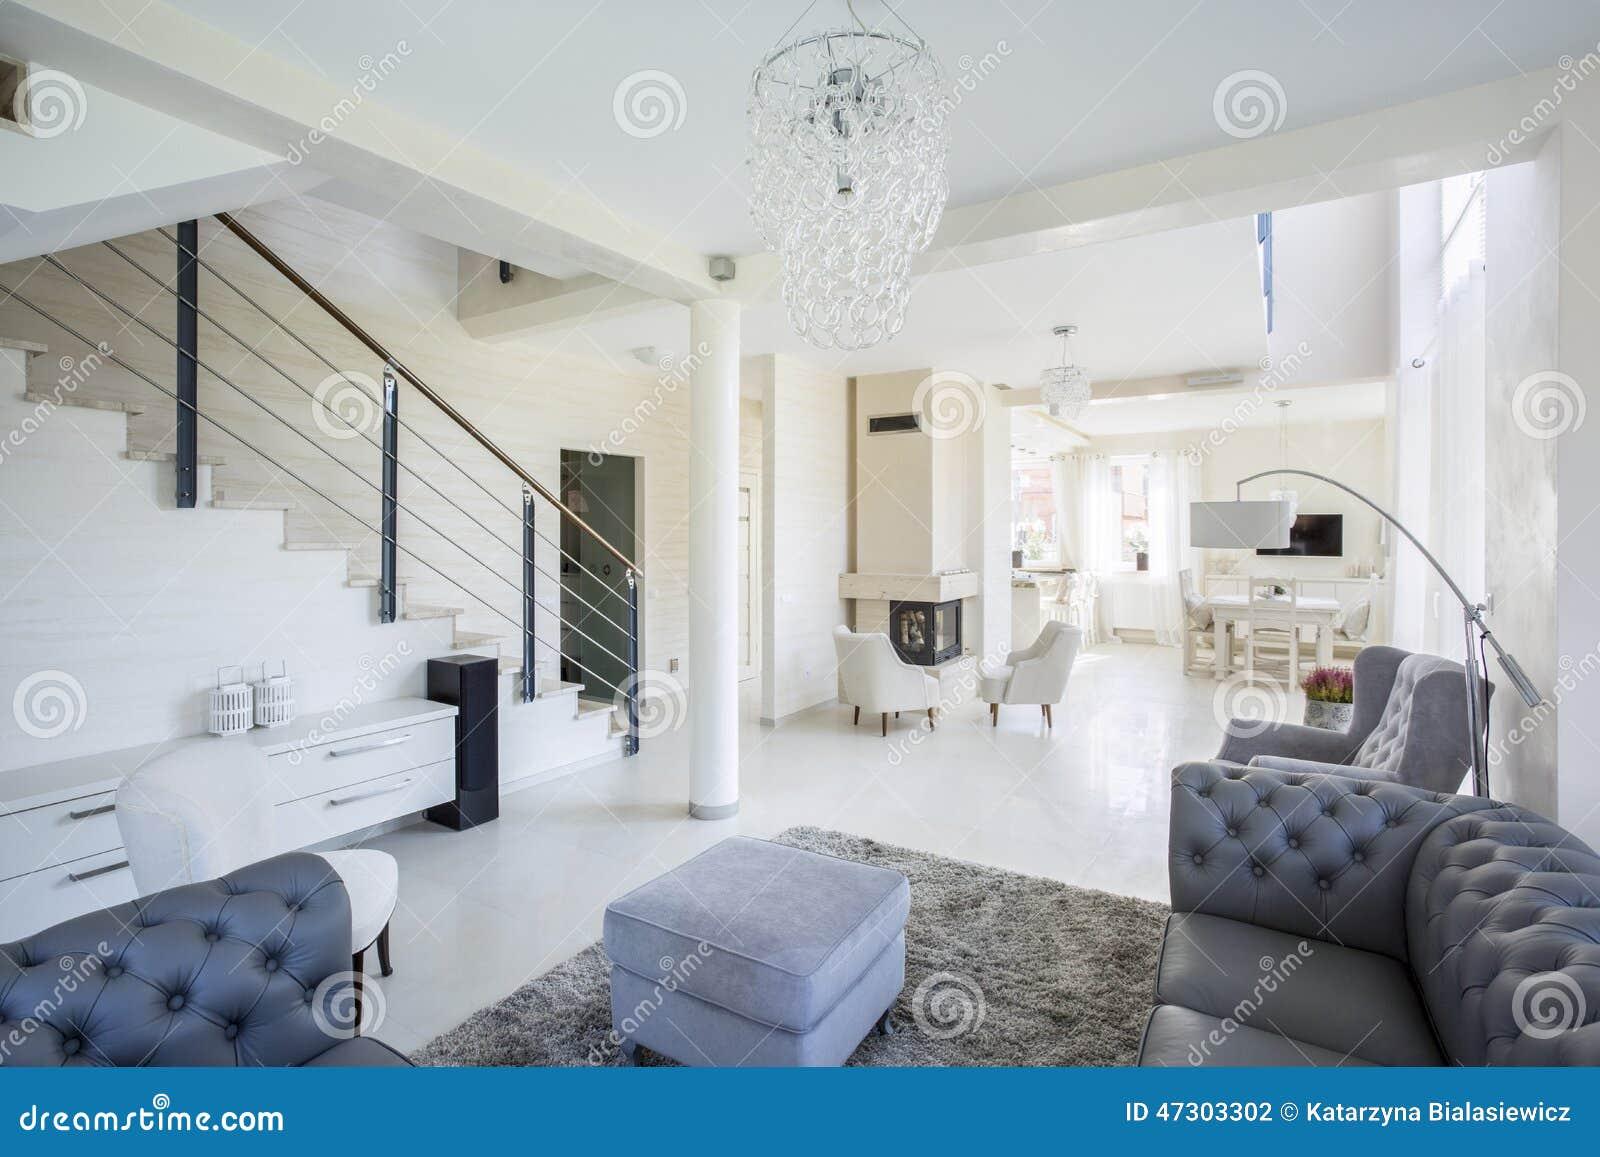 Interni casa moderna il living della casa with interni - Arredamento interno casa moderna ...